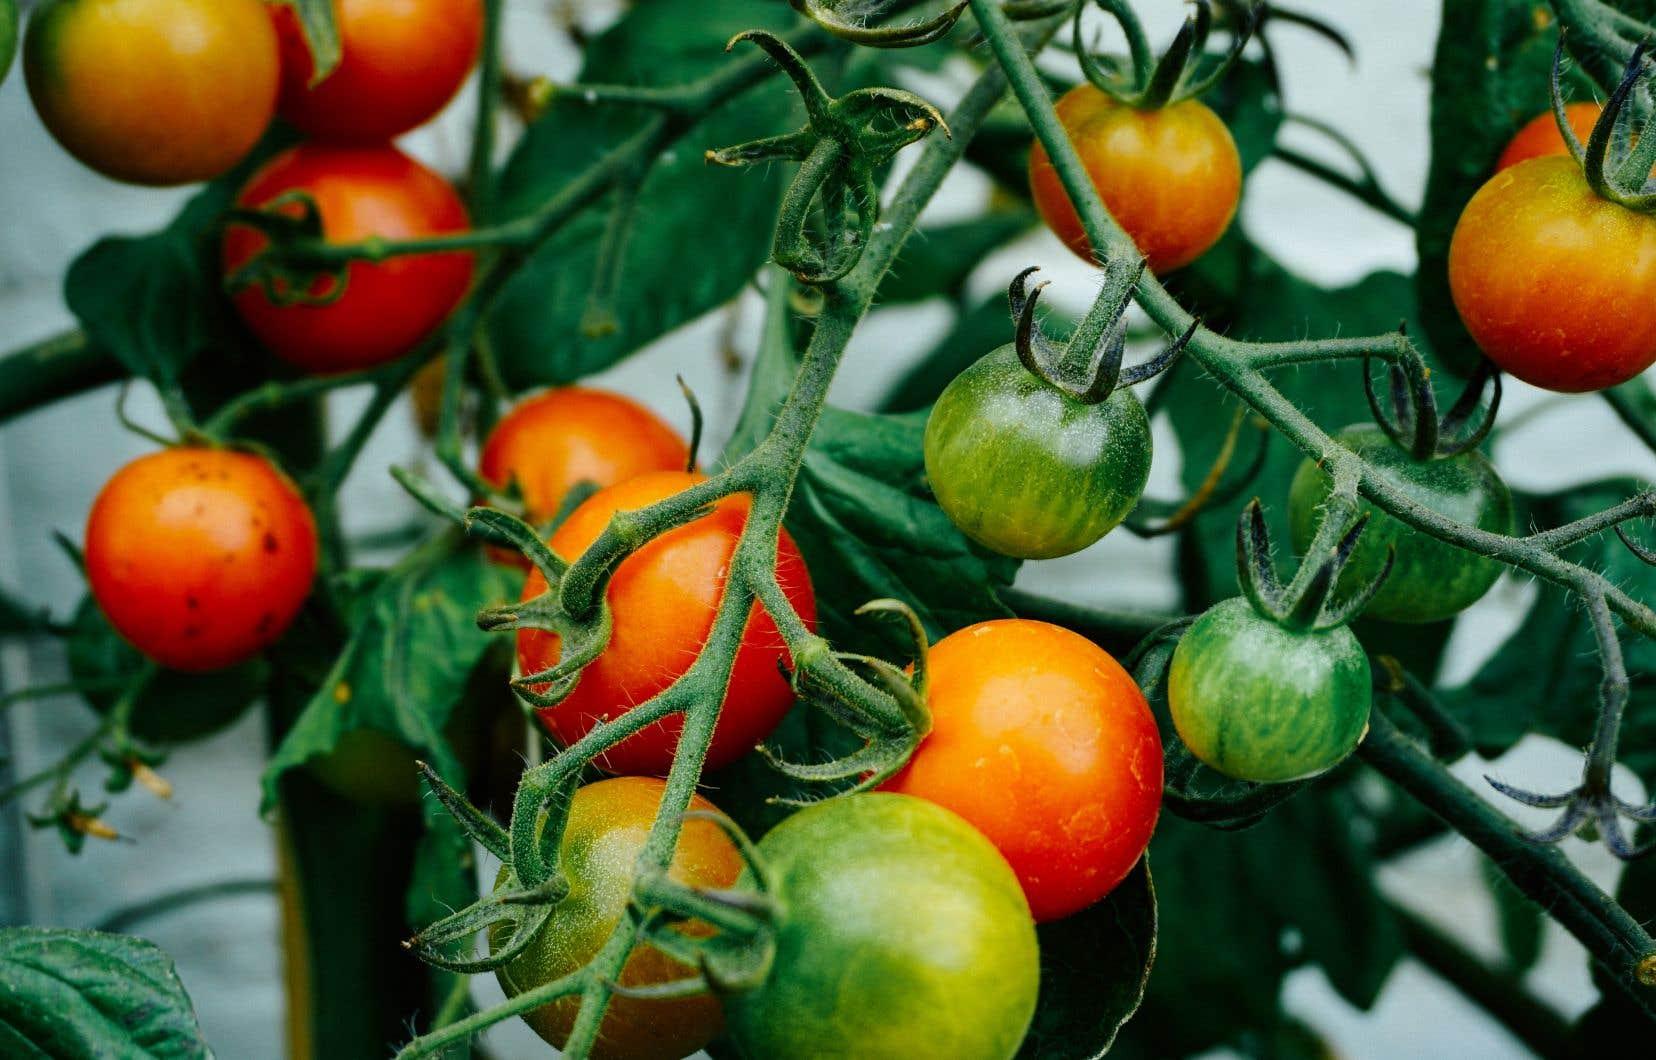 Enlever les gourmands fait en sorte que le plant est moins dense, qu'il a une meilleure aération, ce qui est bon pour contrer les maladies.